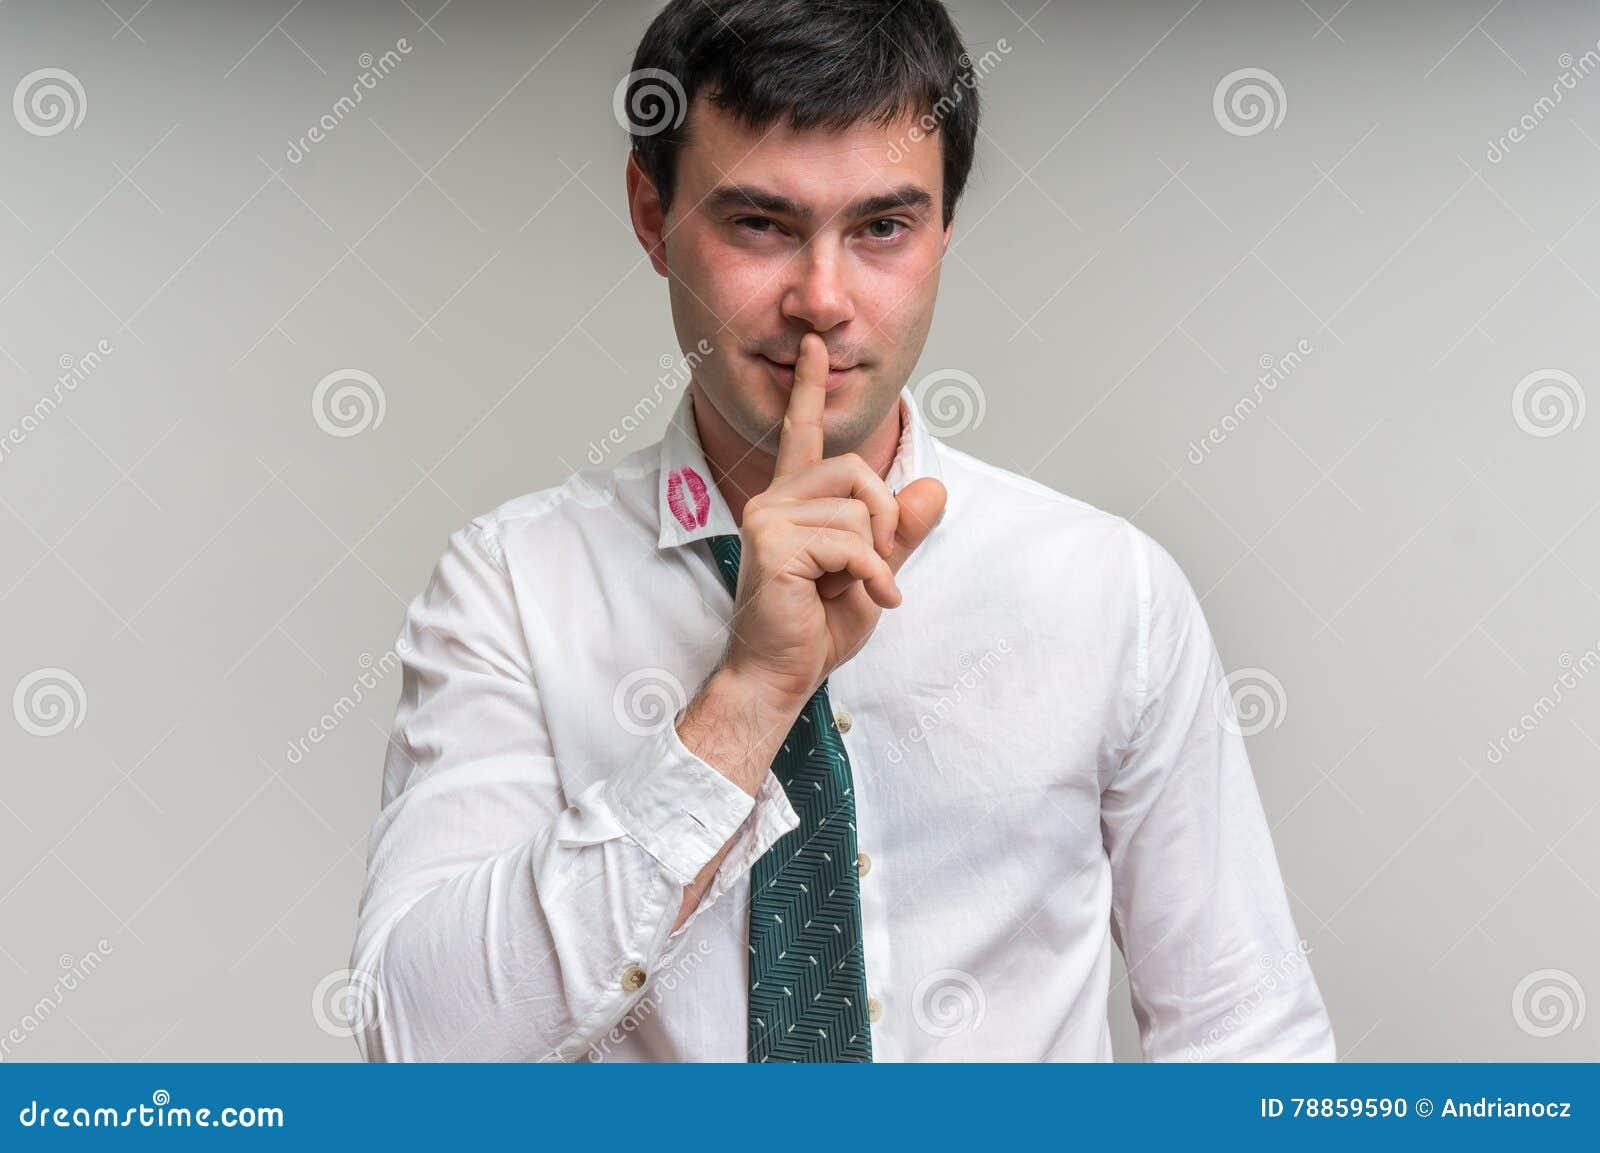 Attraktiver Mann mit dem Finger auf Lippen und Lippenstift am Hemdkragen